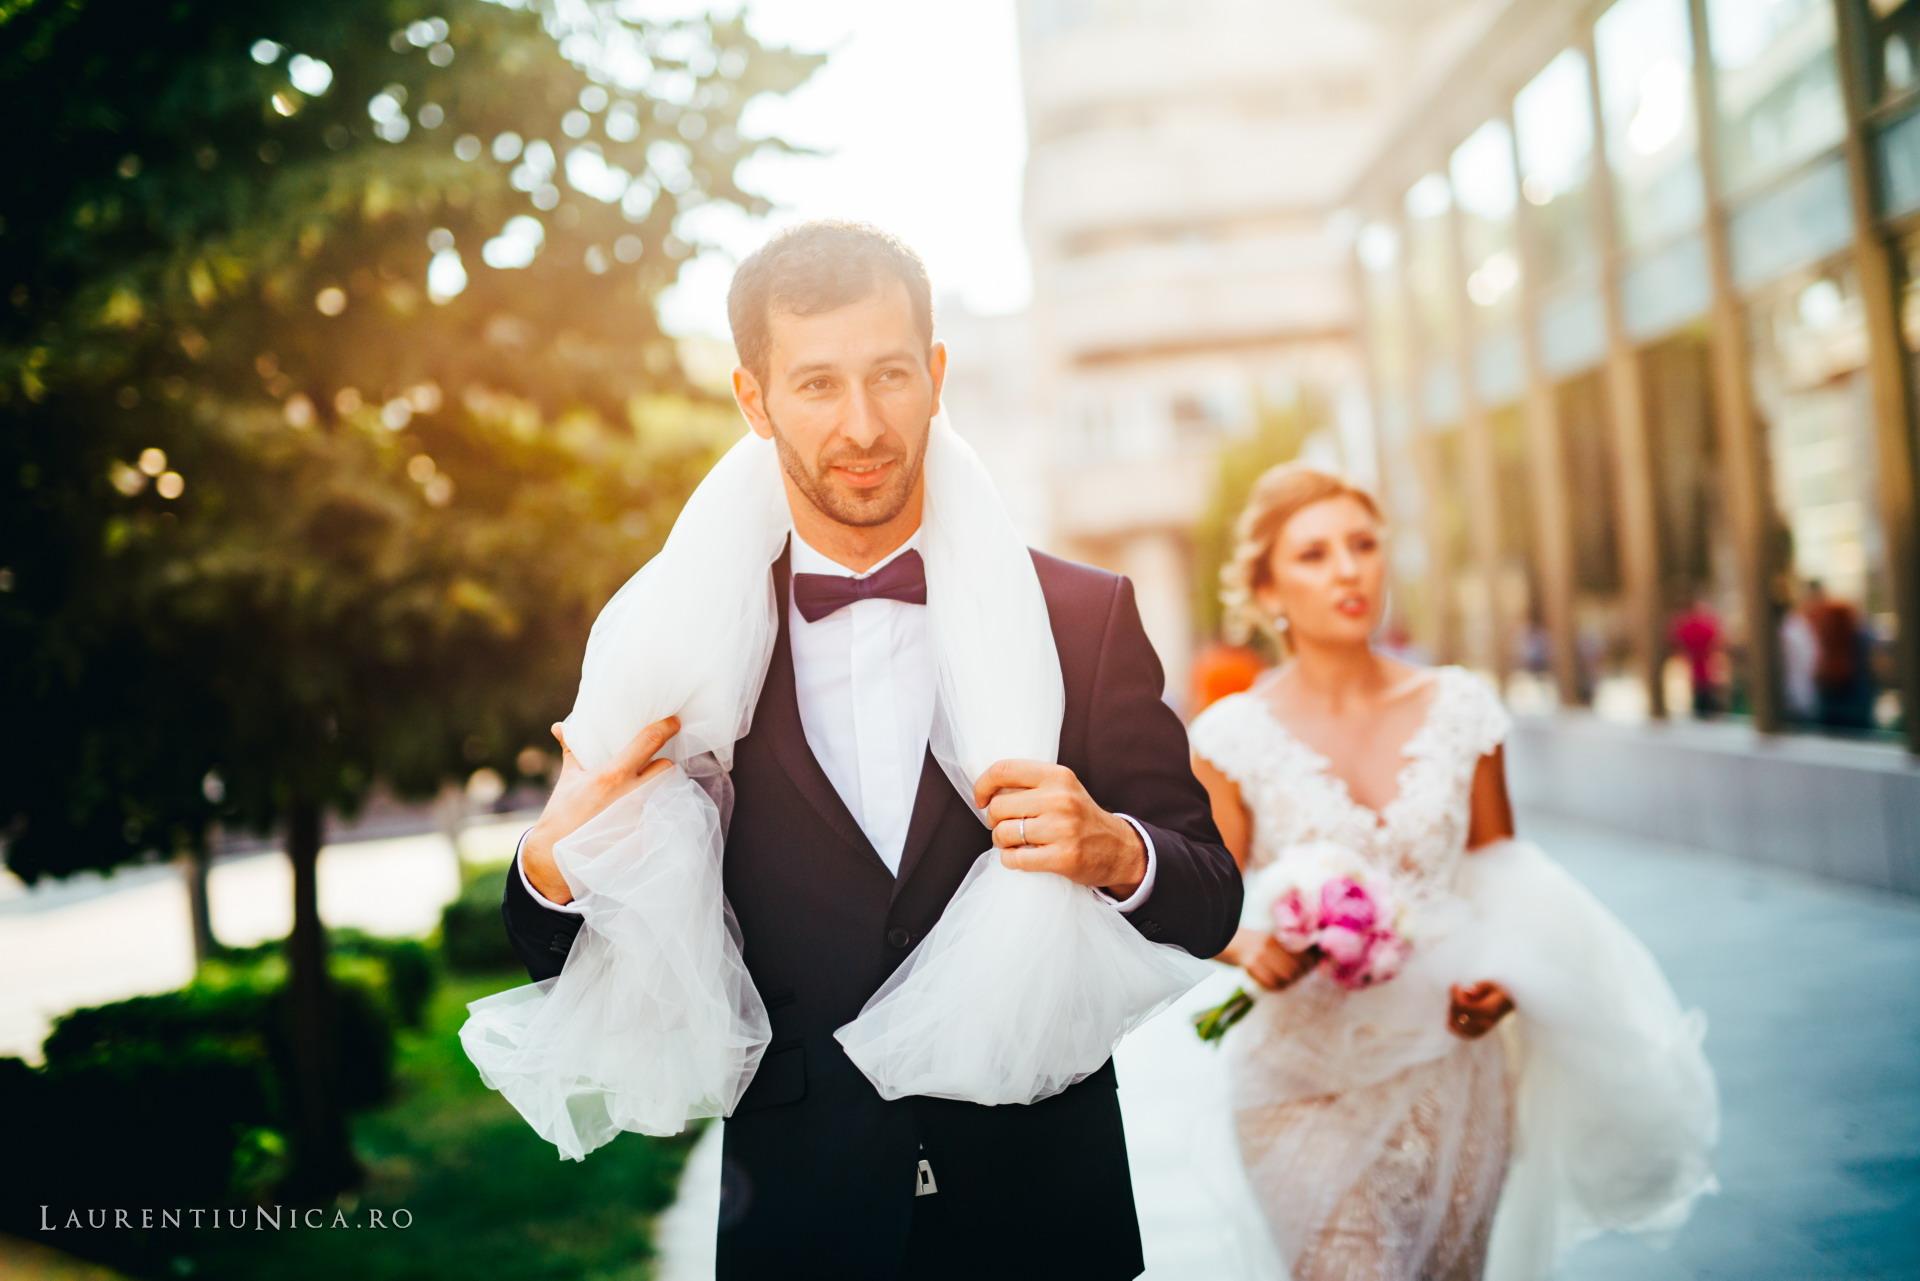 carolina si sorin craiova fotograf nunta laurentiu nica49 - Carolina & Sorin | Fotografii nunta